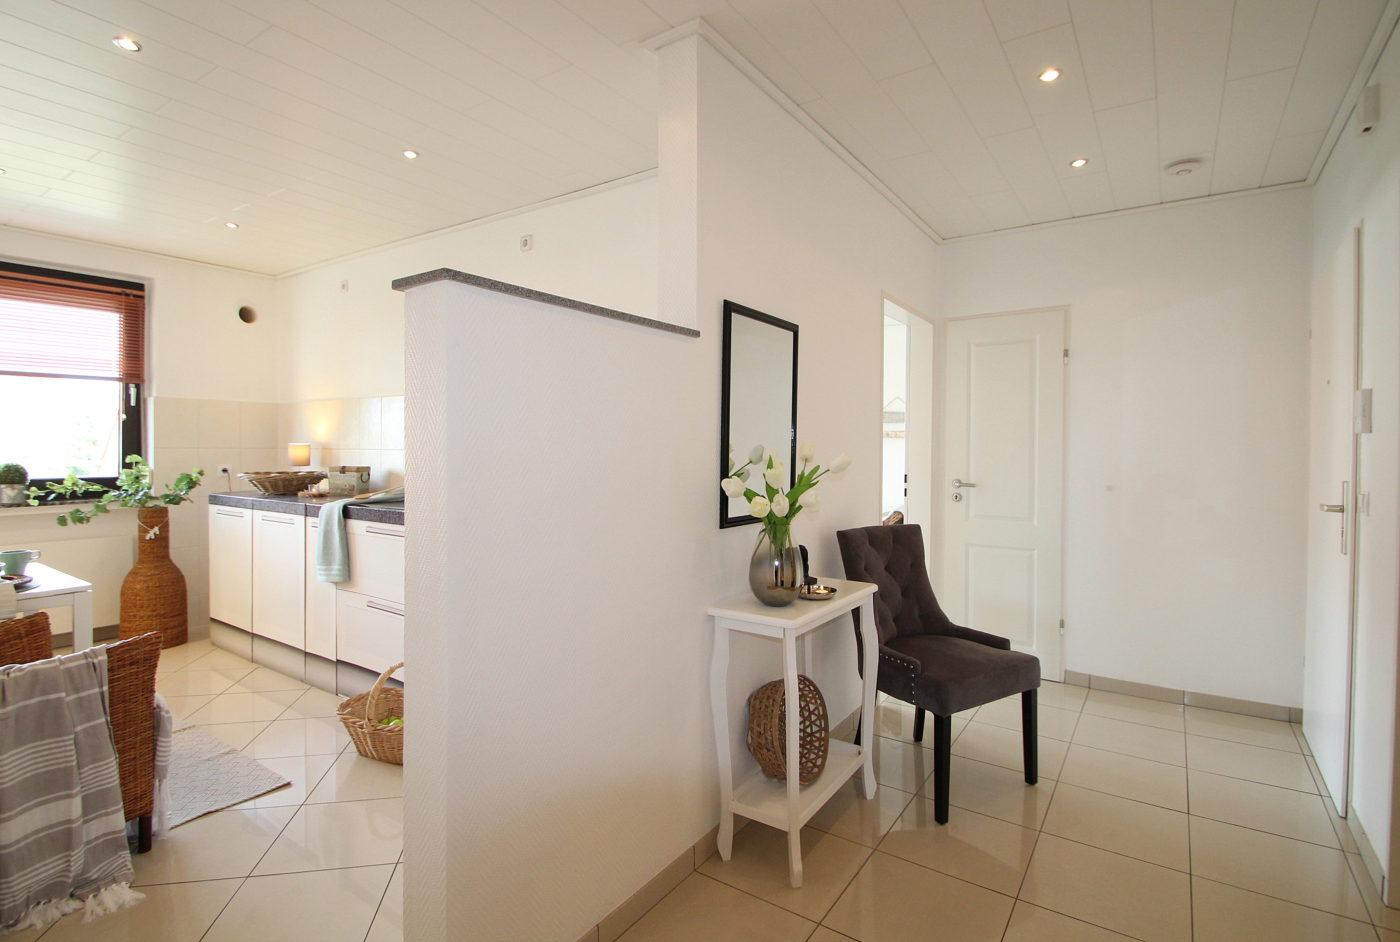 Diele und Küche nach dem Homestaging durch Nicole Biernath von Blickfang Homestaging in Soest